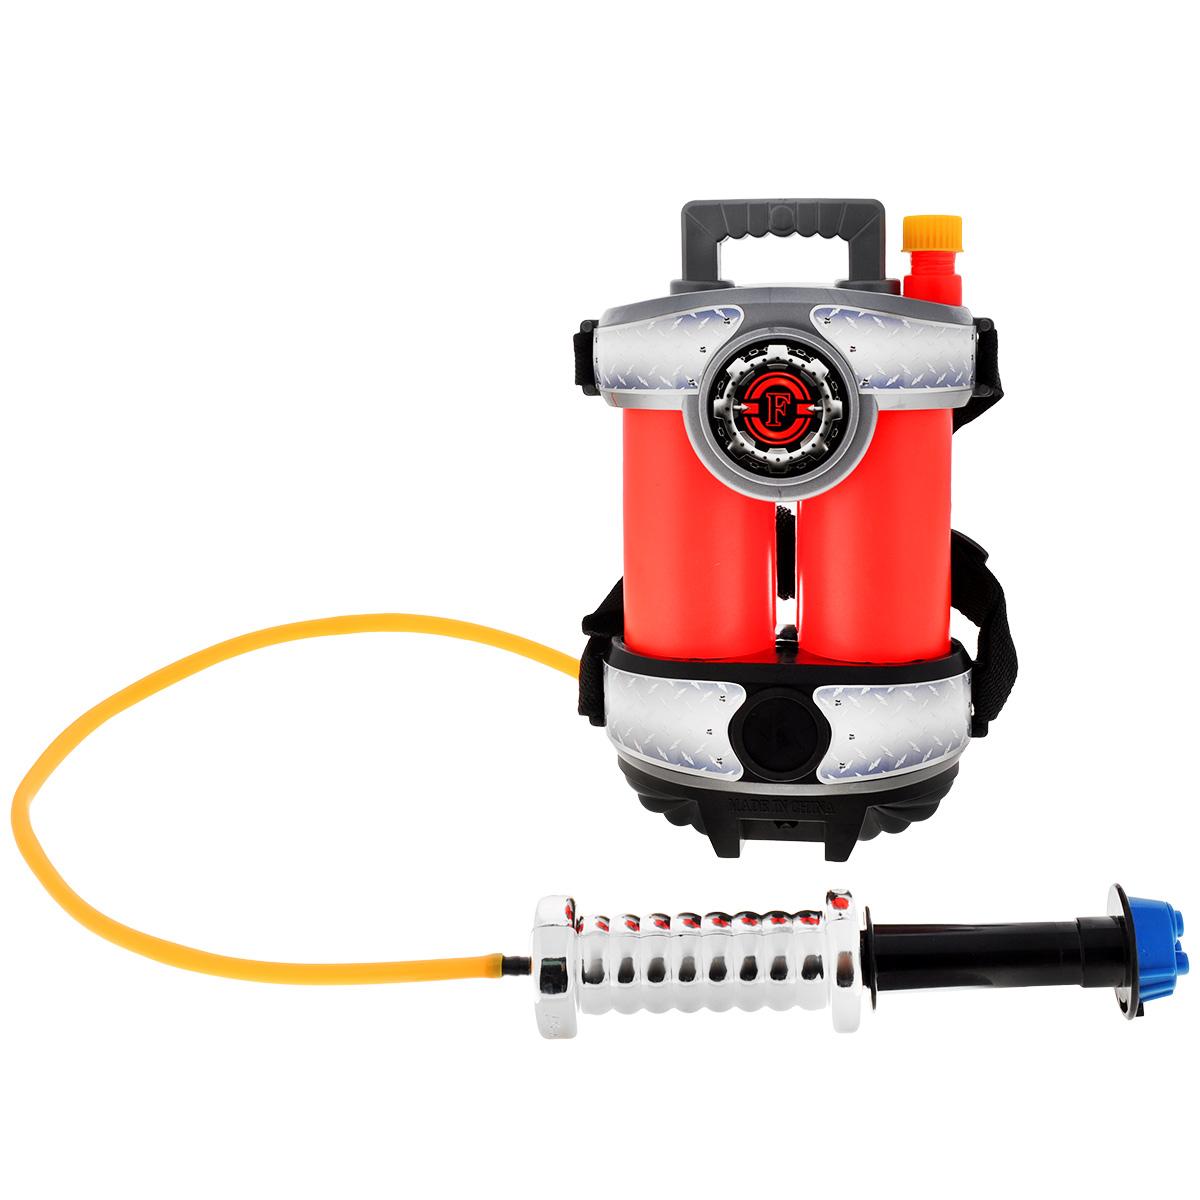 Bebelot Водная помпа Спасательная операция игрушка для активного отдыха bebelot захват beb1106 045